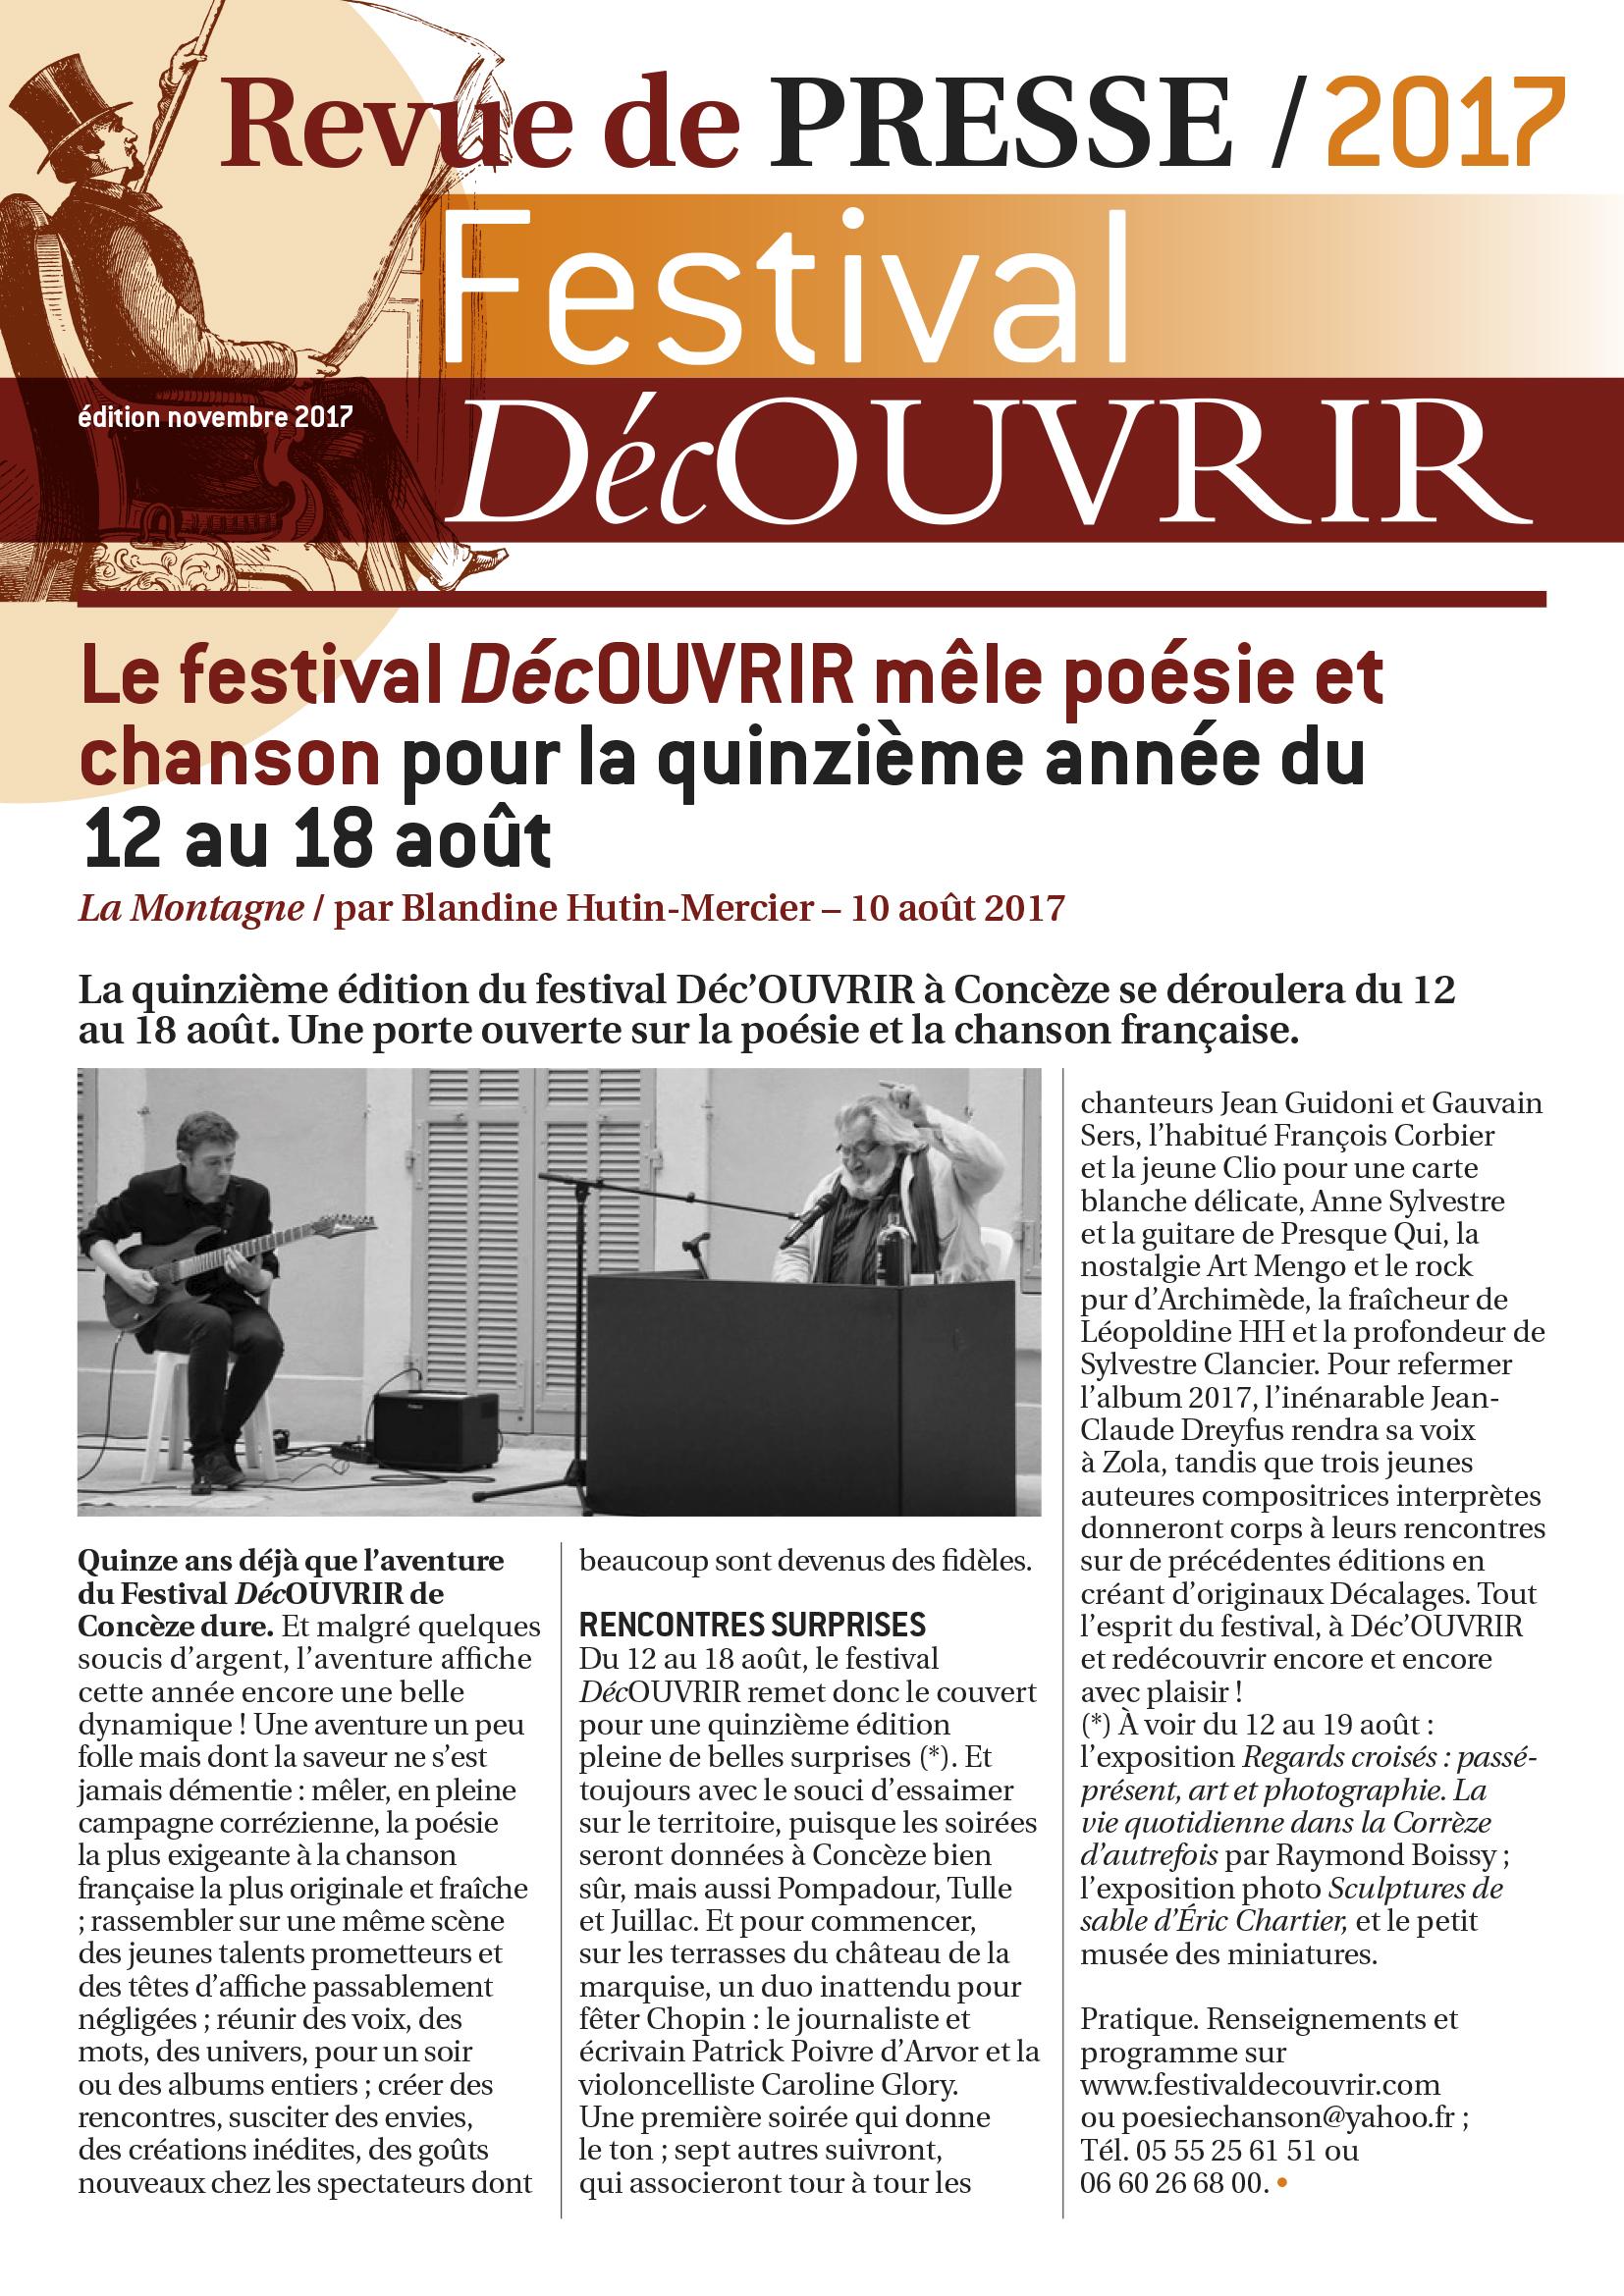 Revue de Presse FDC 2017